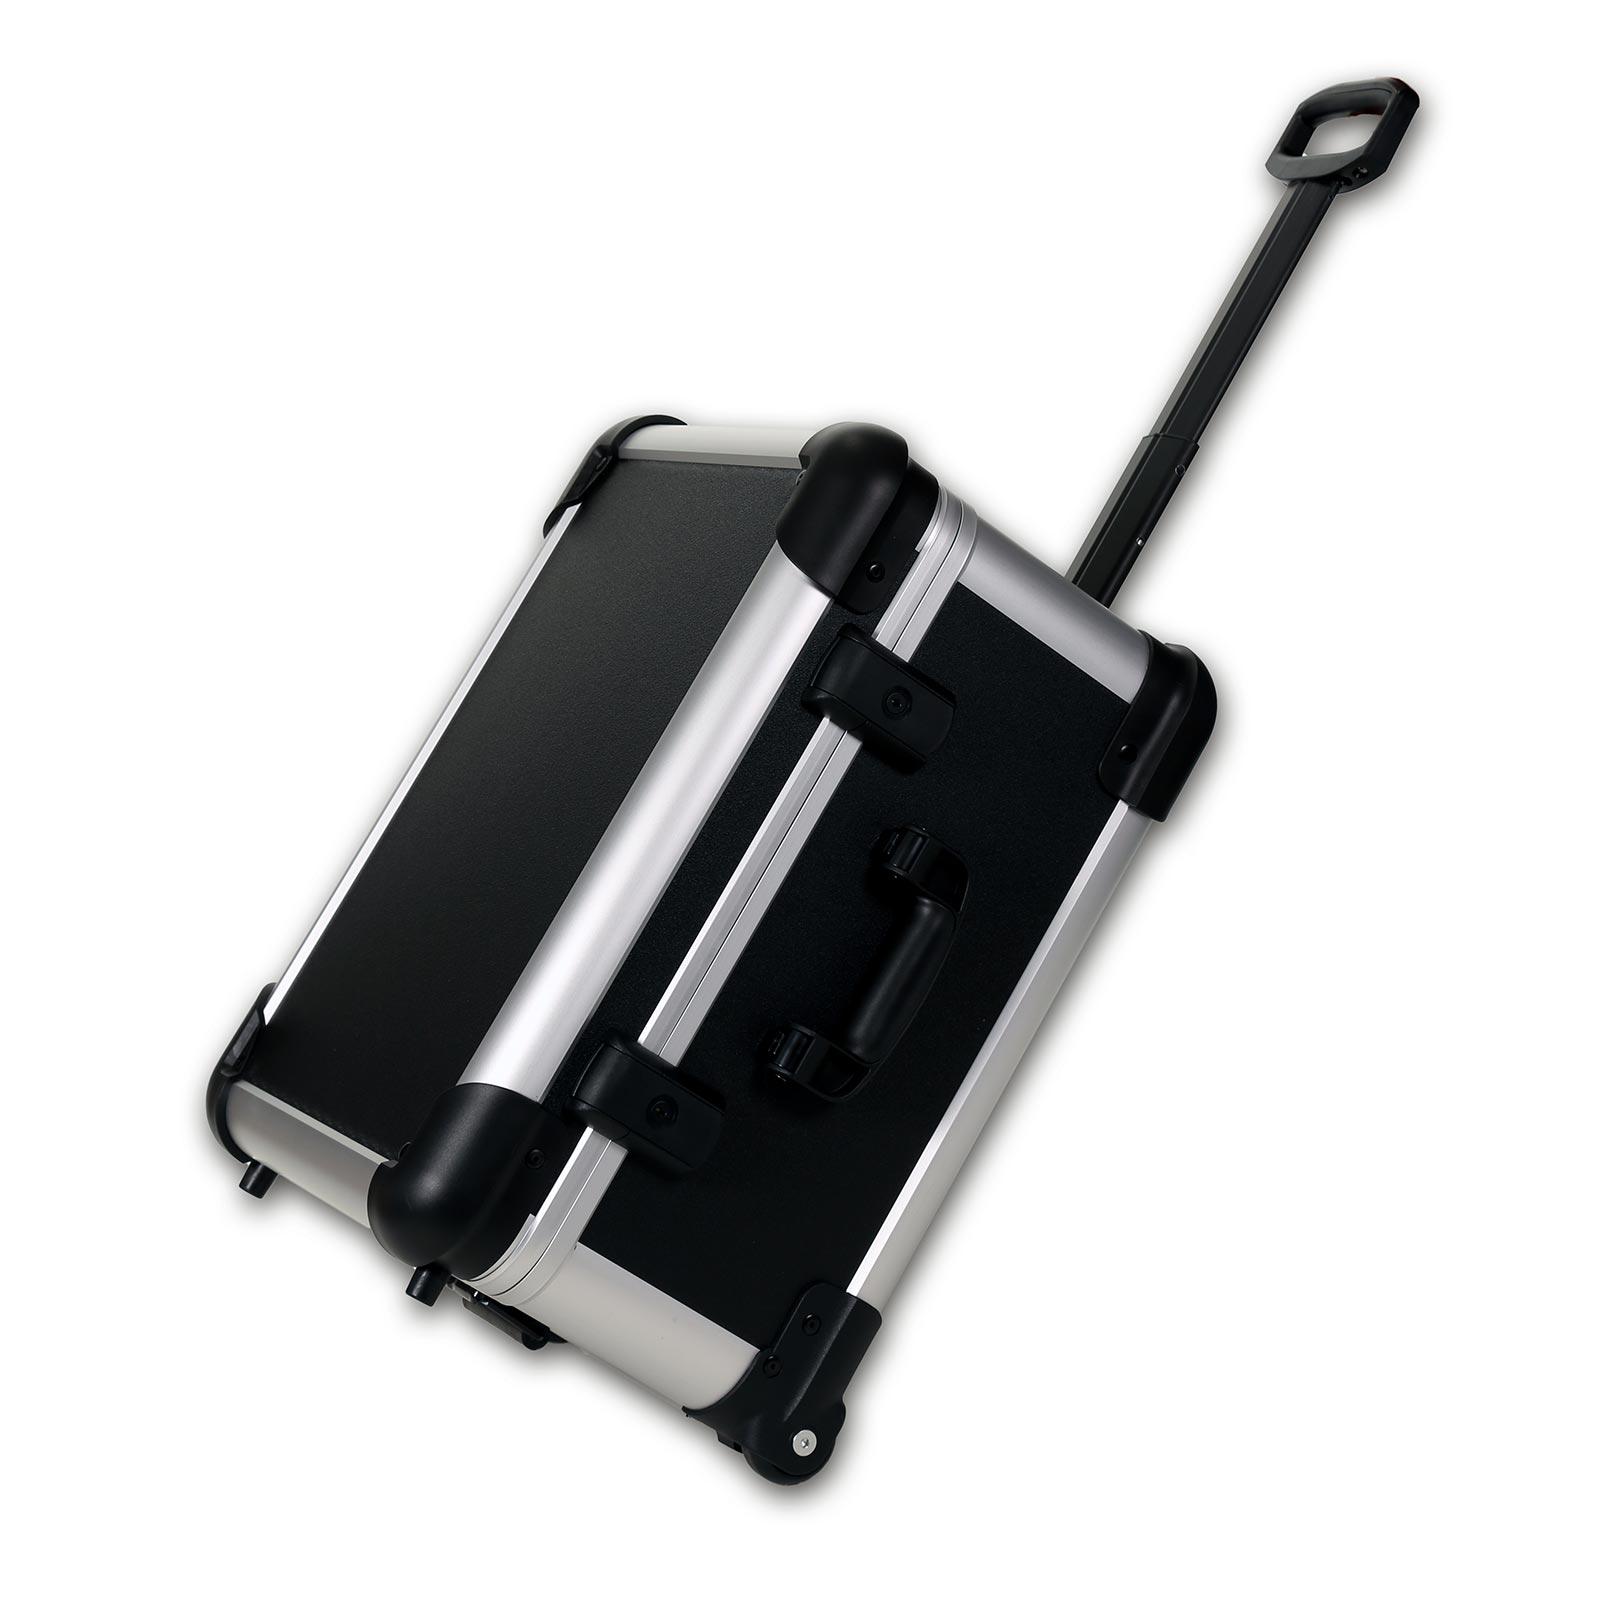 bwh Koffer CoolCase Transportkoffer S mit 4 Rollen - Schwarz 51100